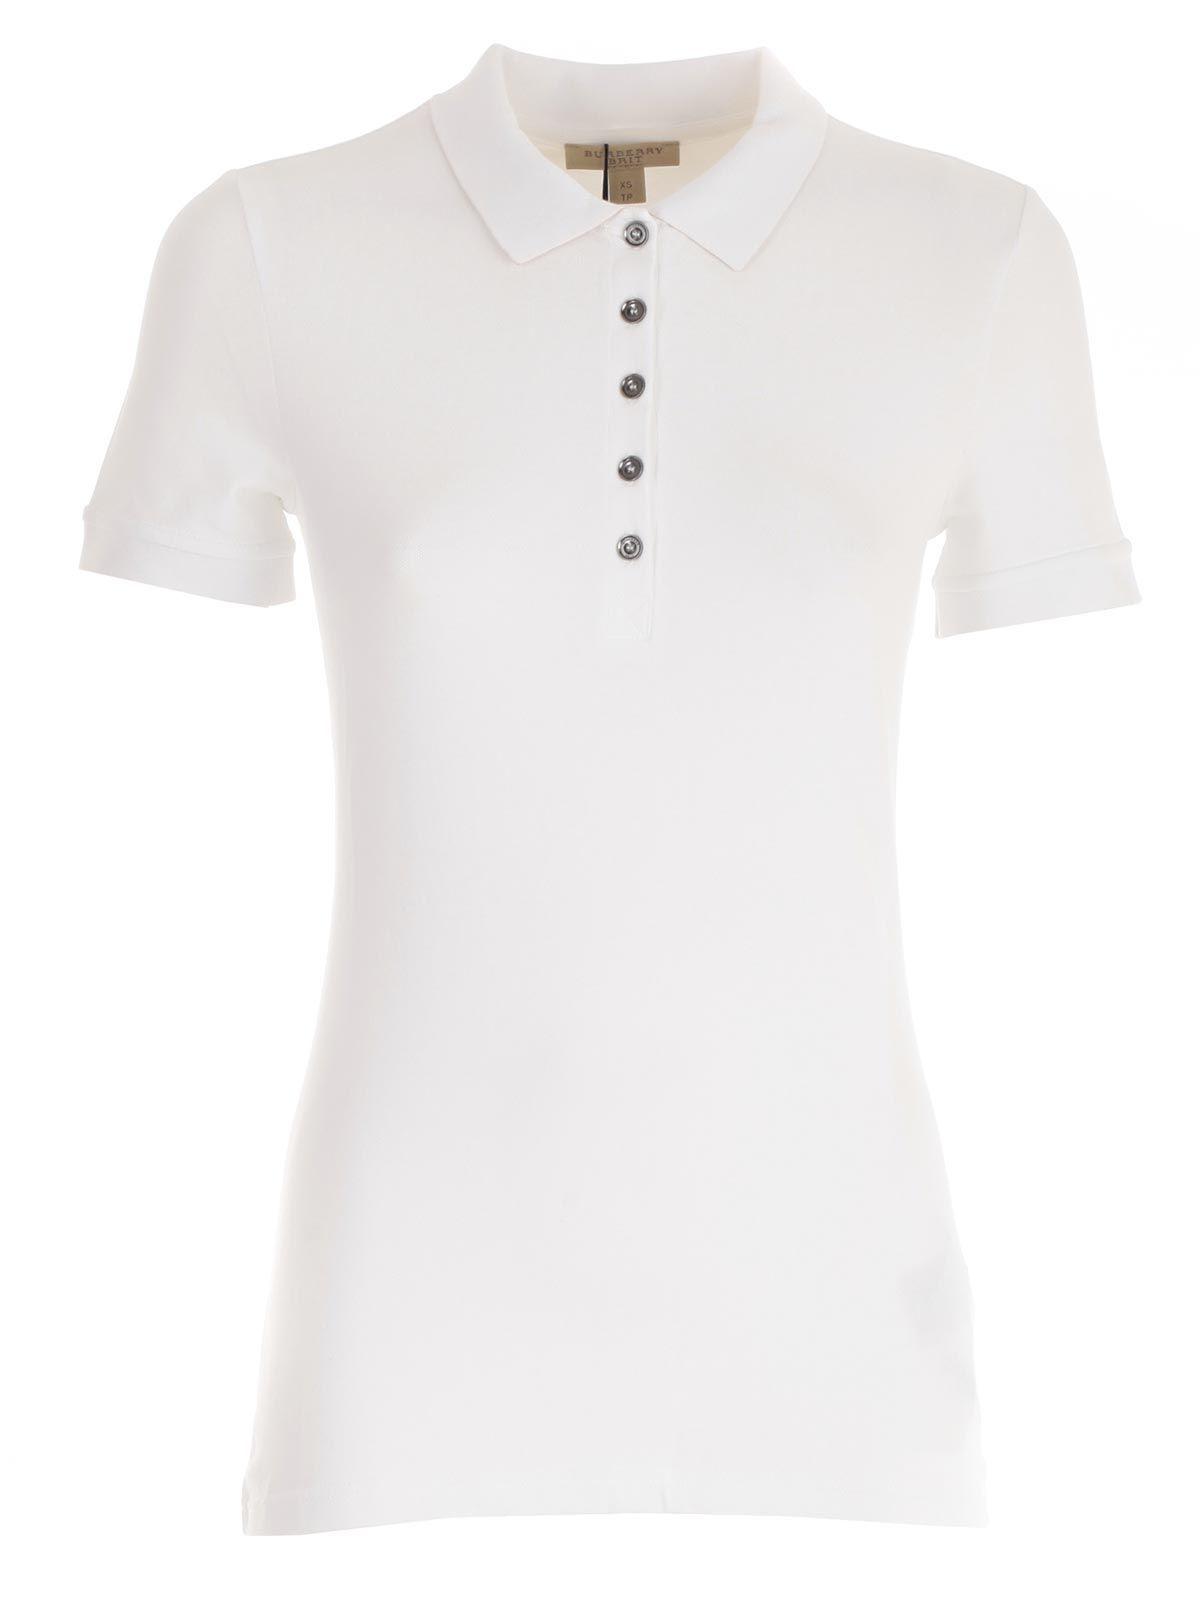 Burberry Polo Shirt In White | ModeSens | Polo shirt women, Polo ...